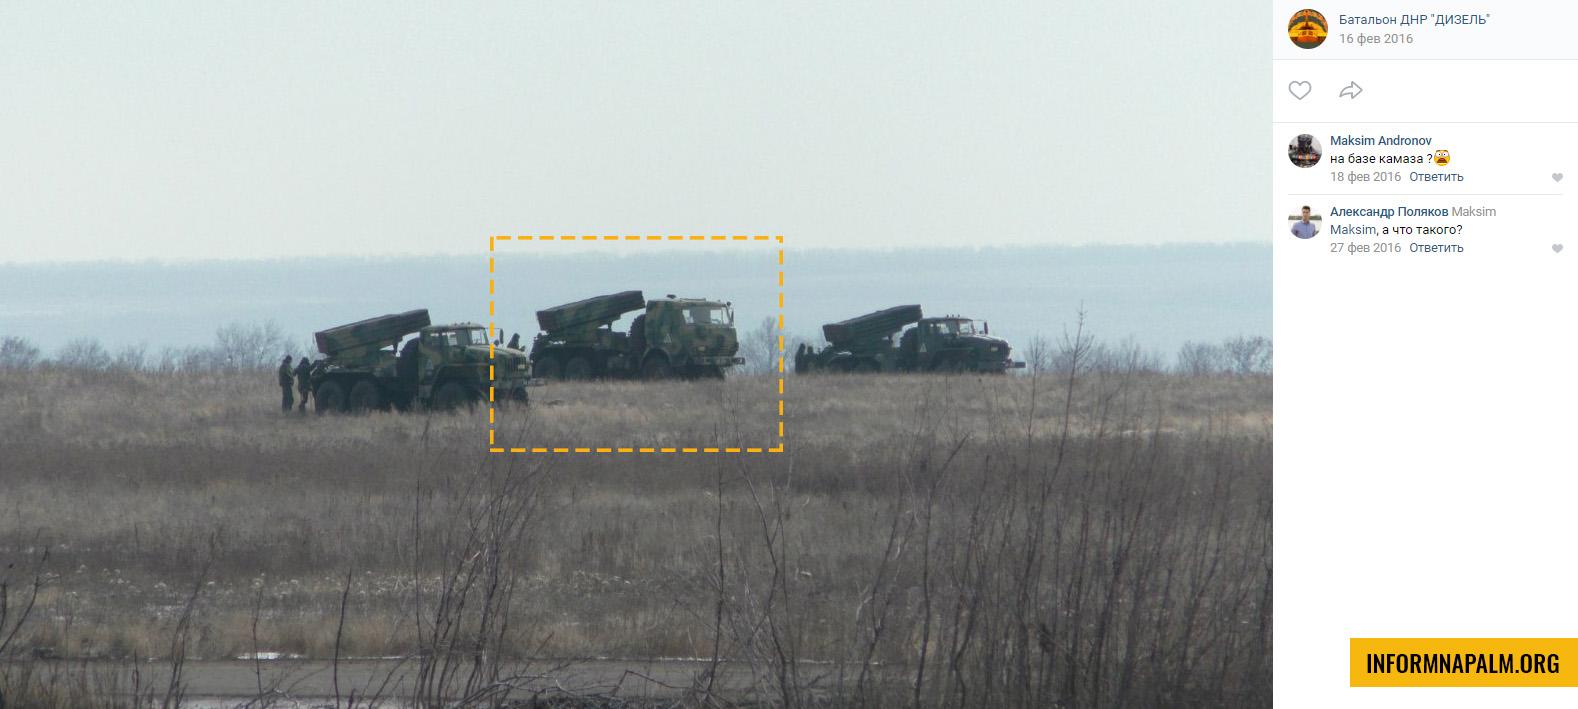 Russisches Raketenartilleriesystem 2B26 Grad